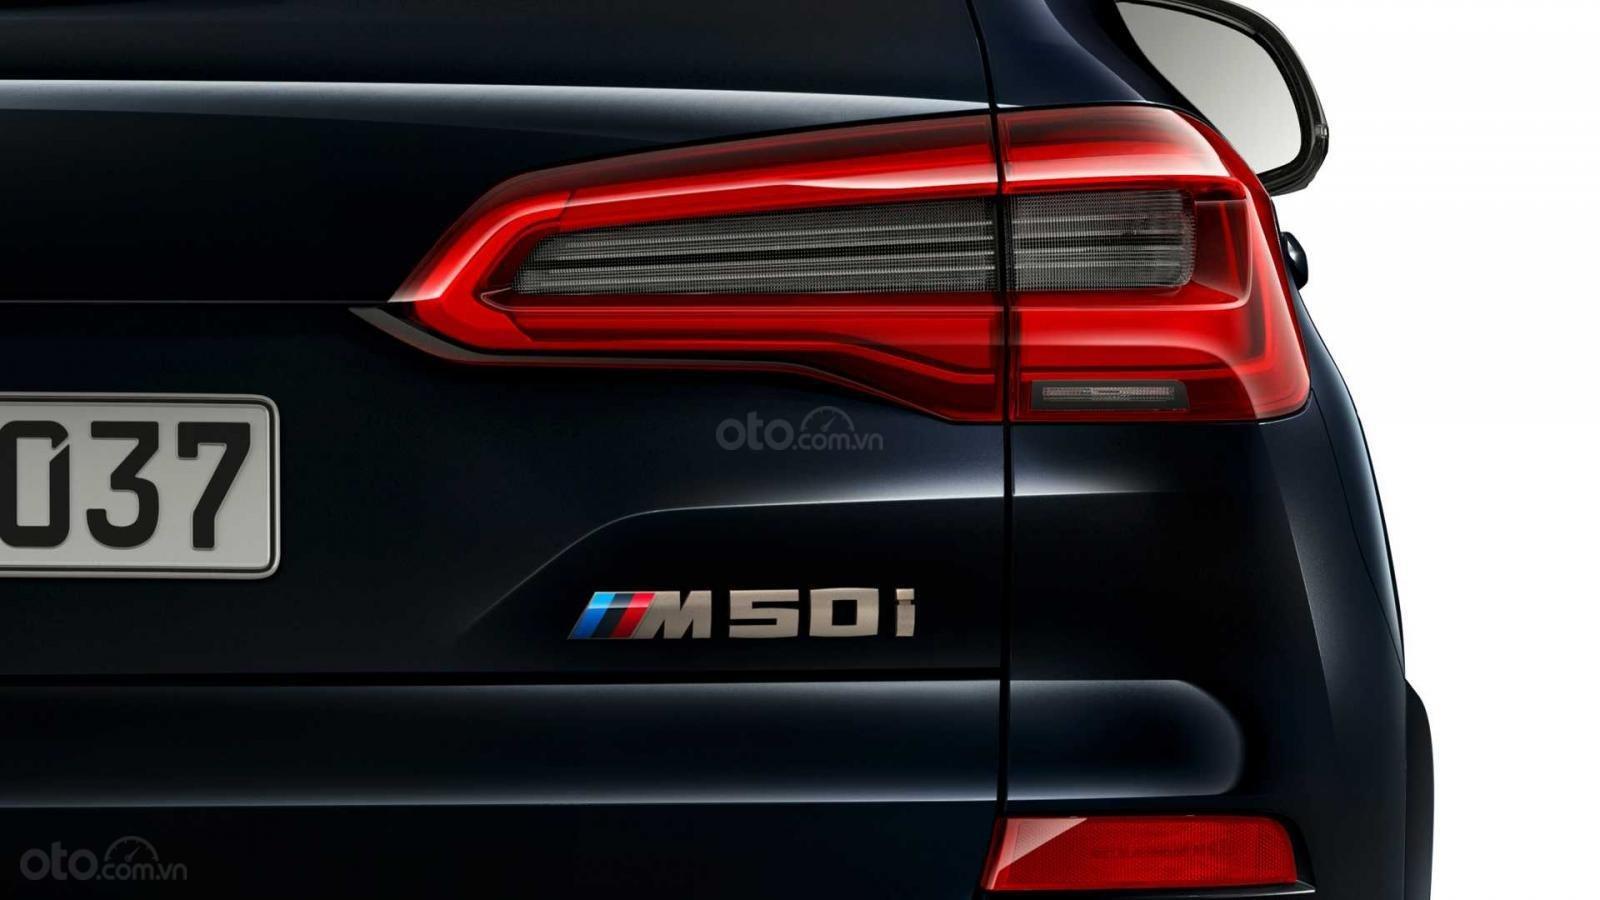 BMW X5 M50i và X7 M50i mạnh mẽ, uy lực